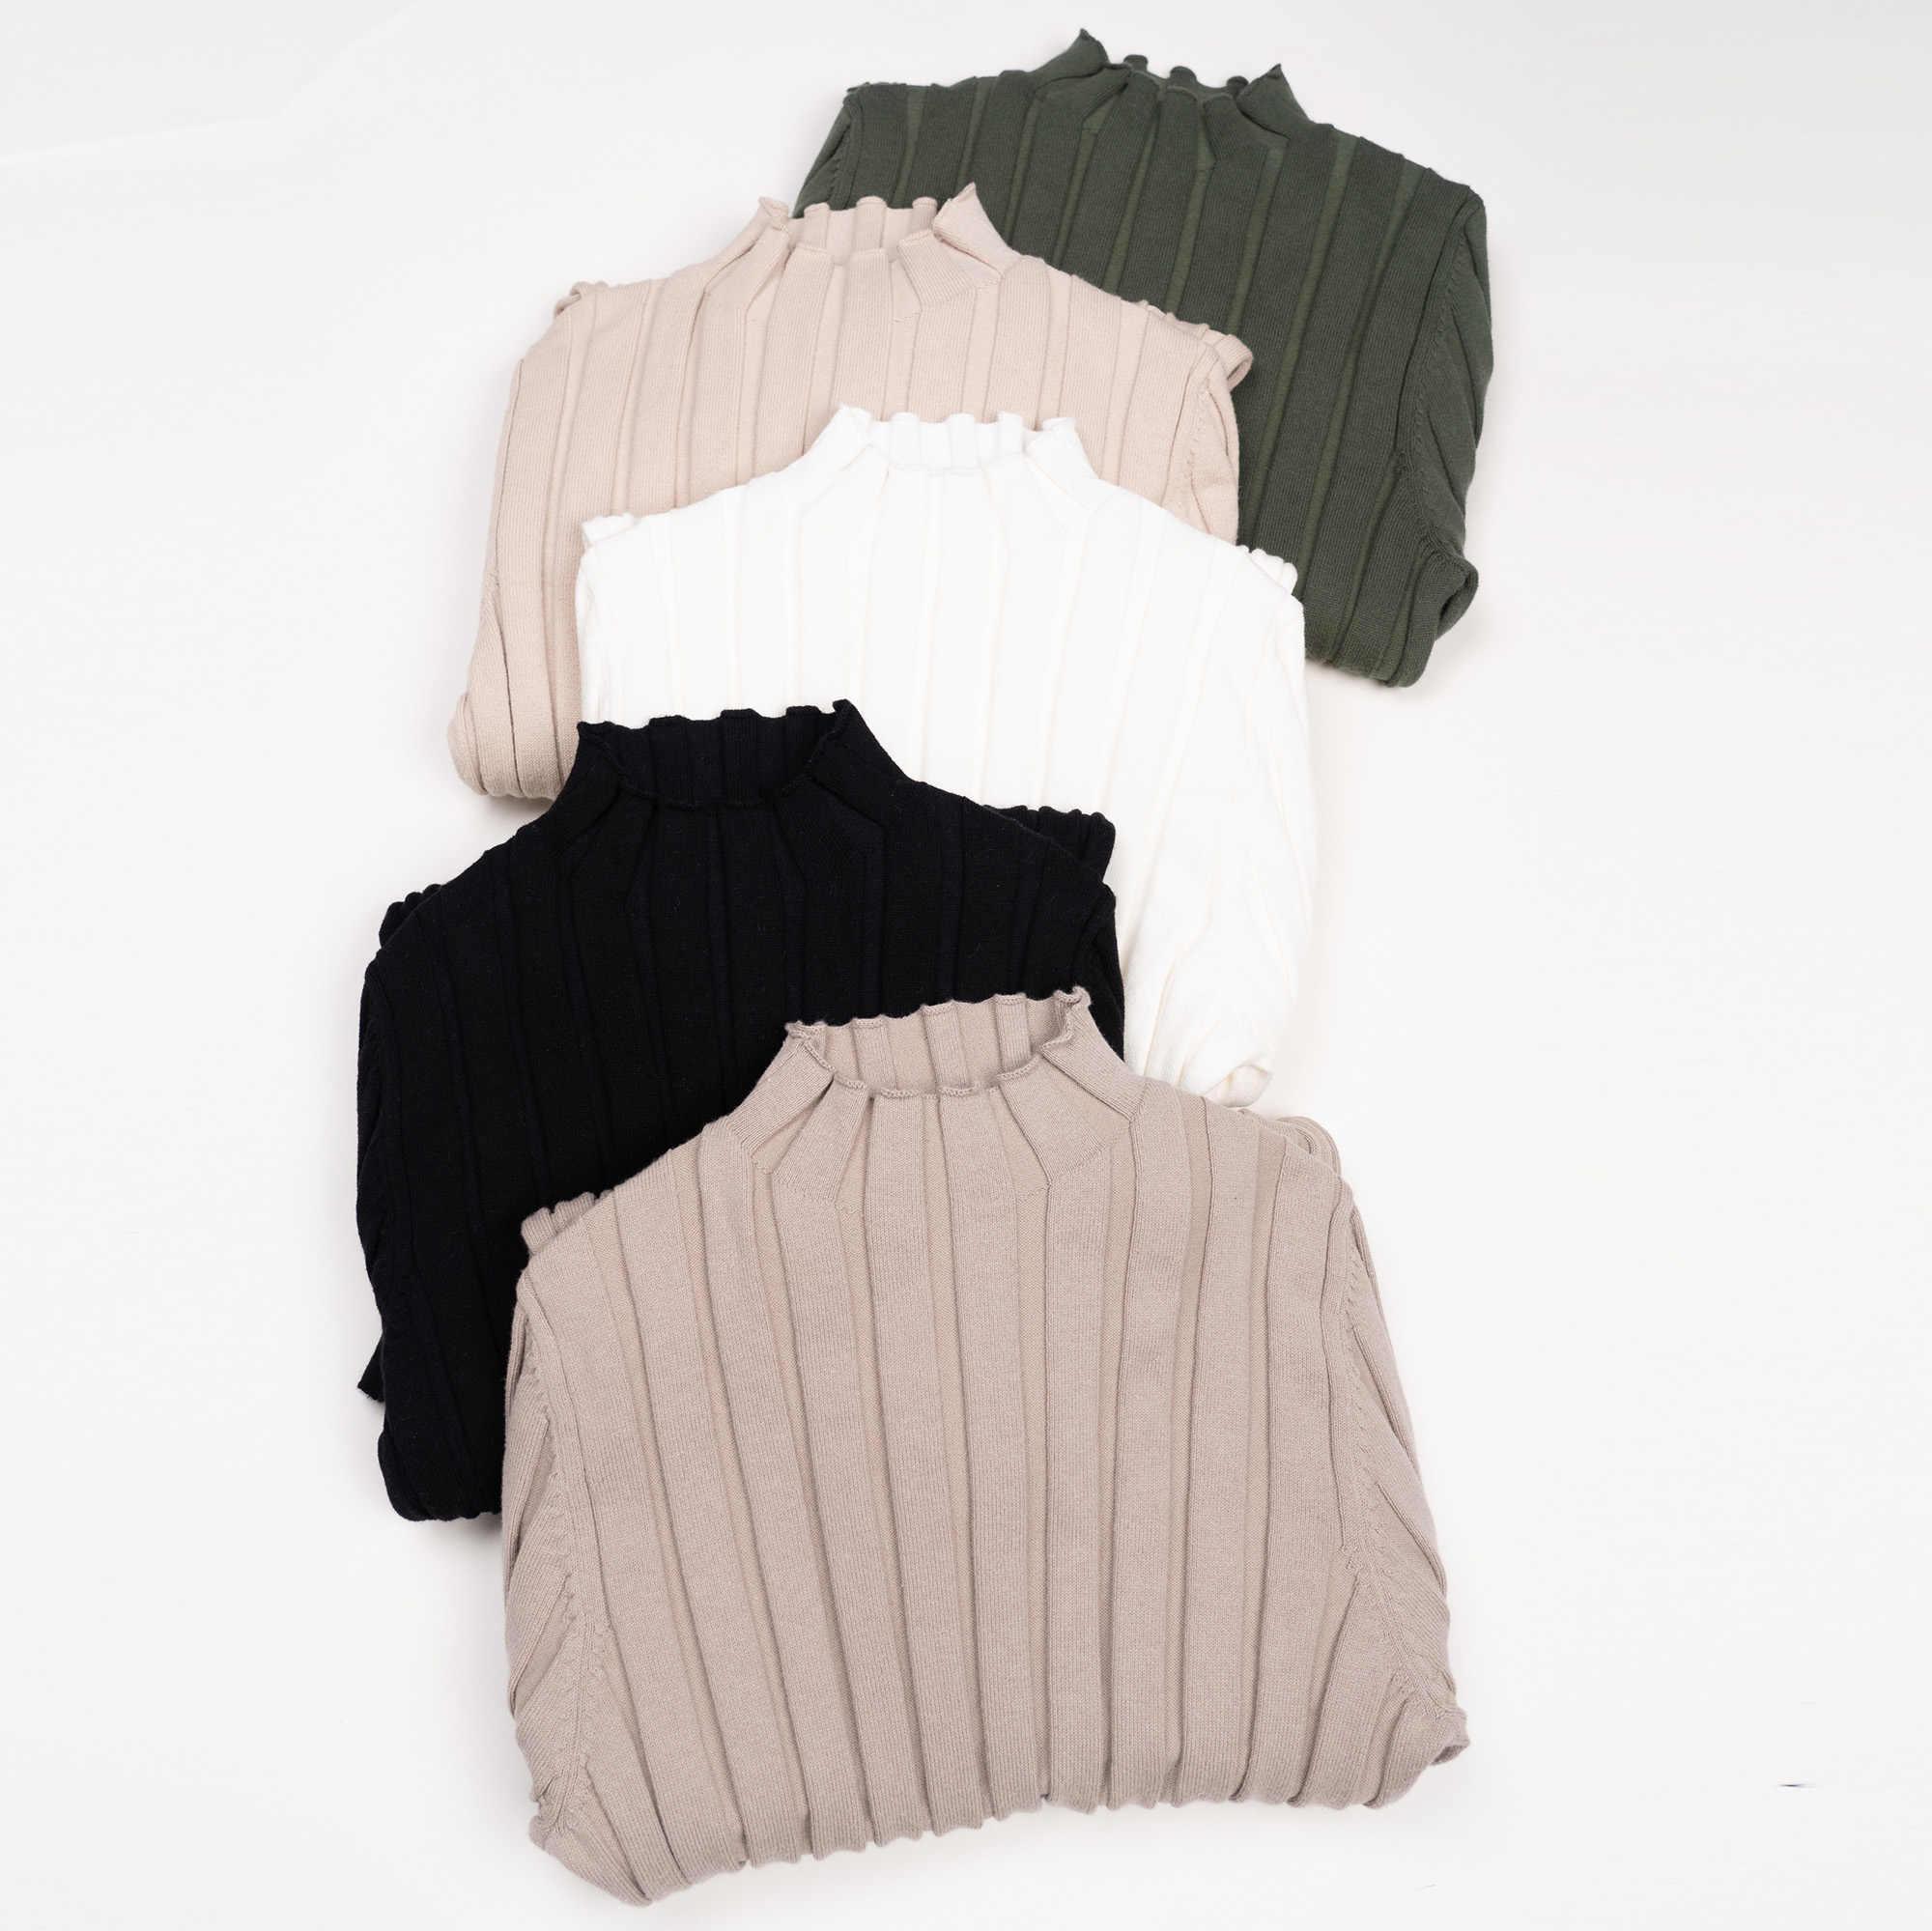 100% כותנה לסרוג רחב מצולעים למעלה נשים מוק צוואר סוודר סרוג בסוודרים בסיסי